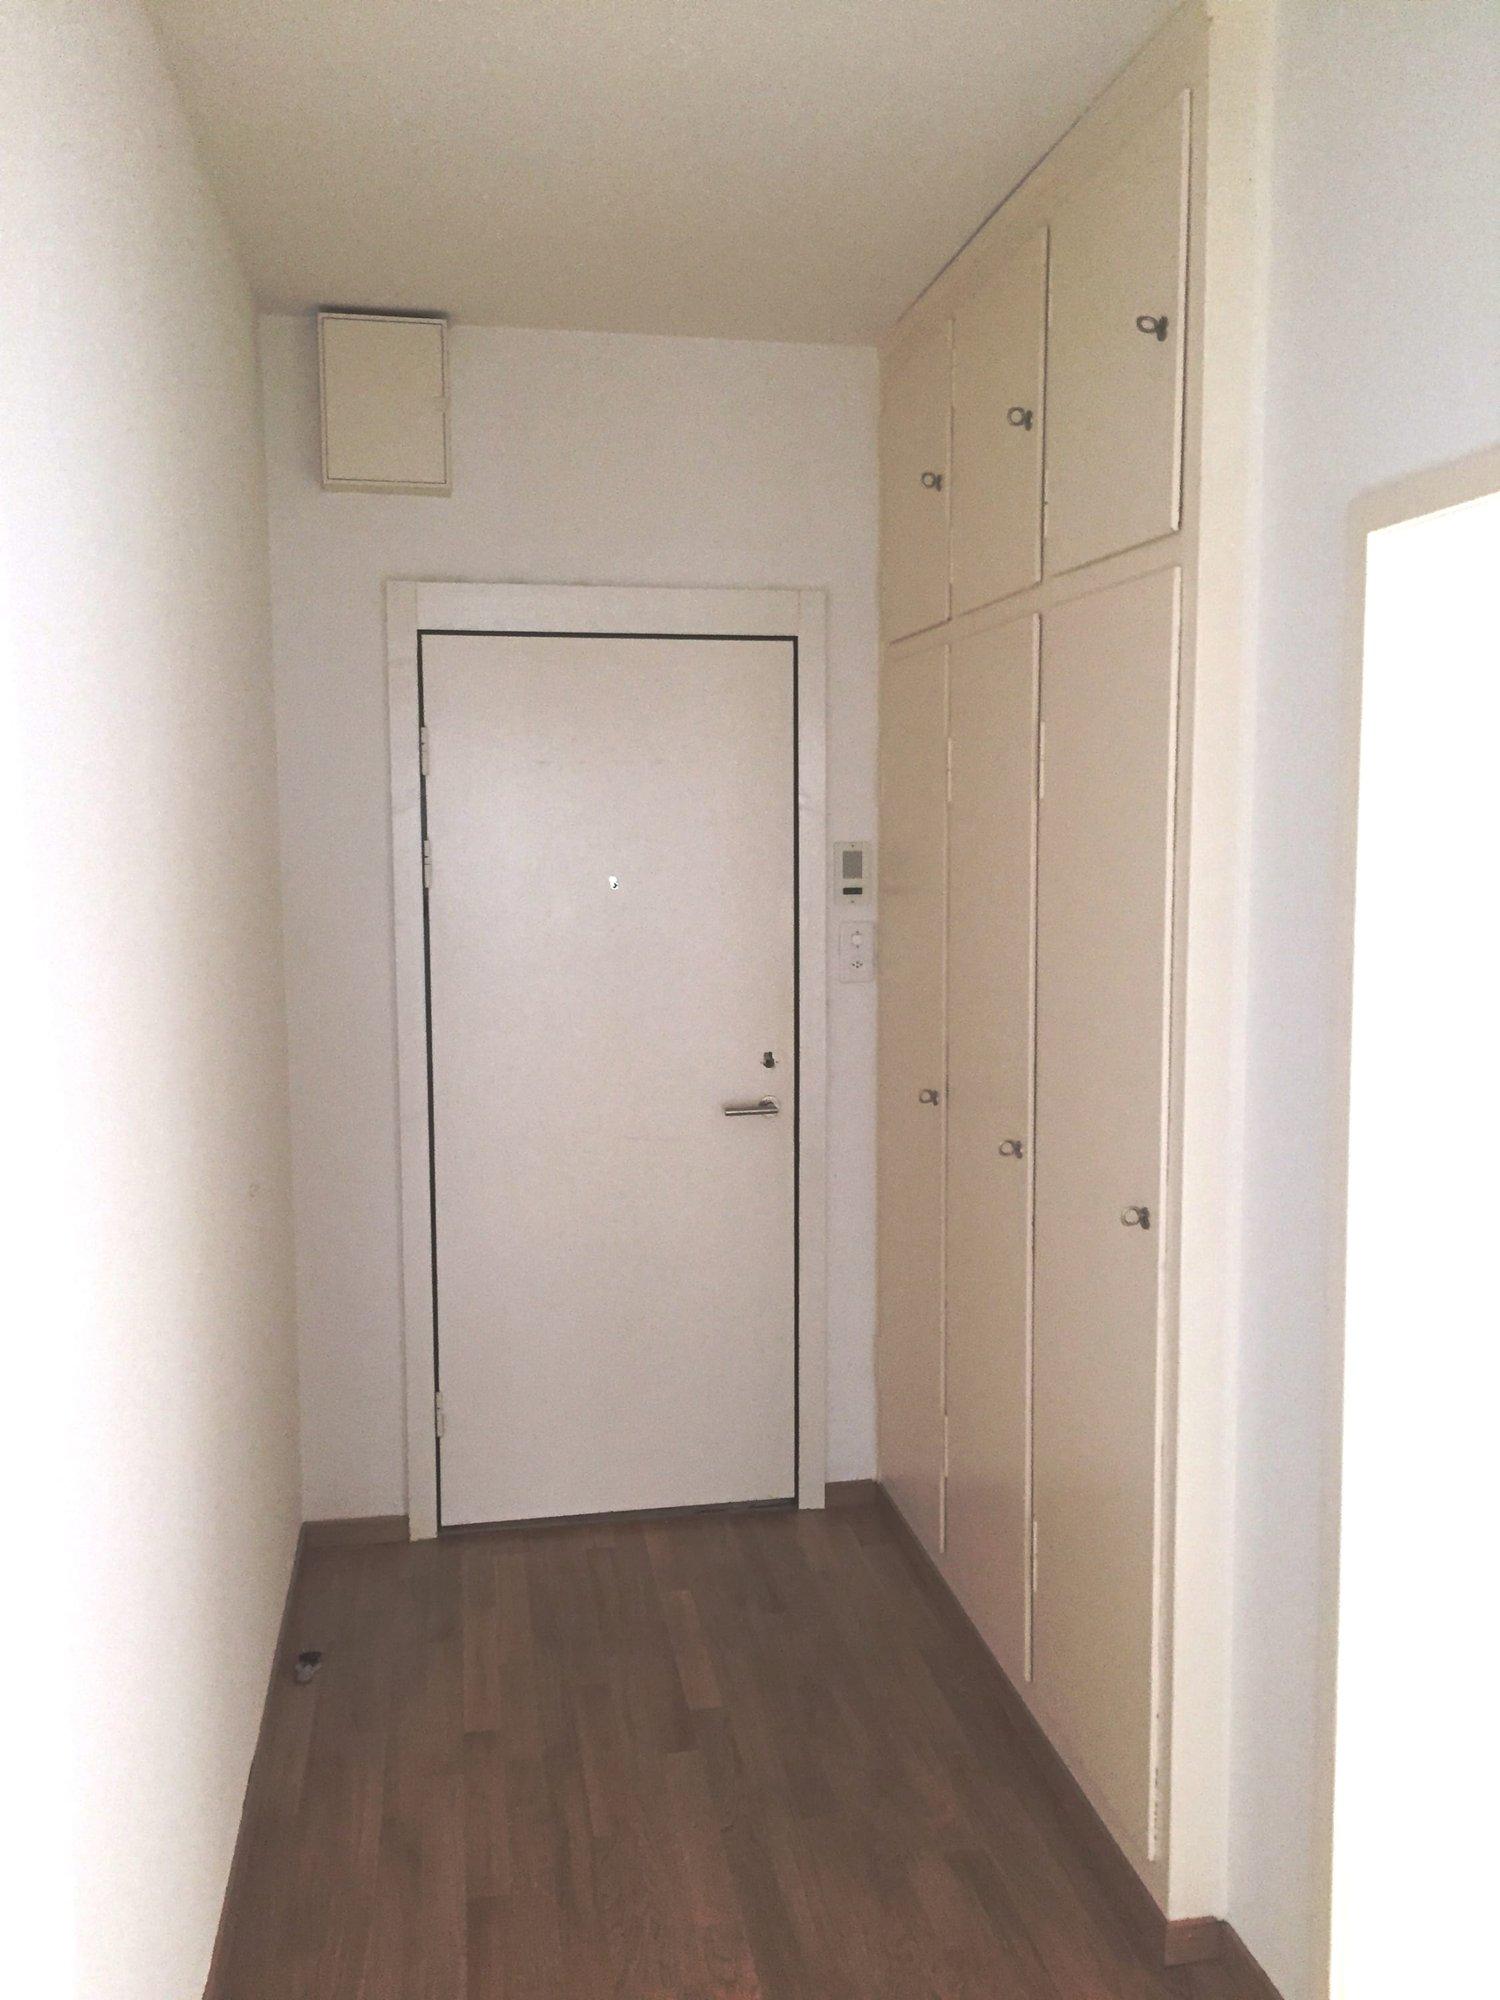 Korridor - Vorschau